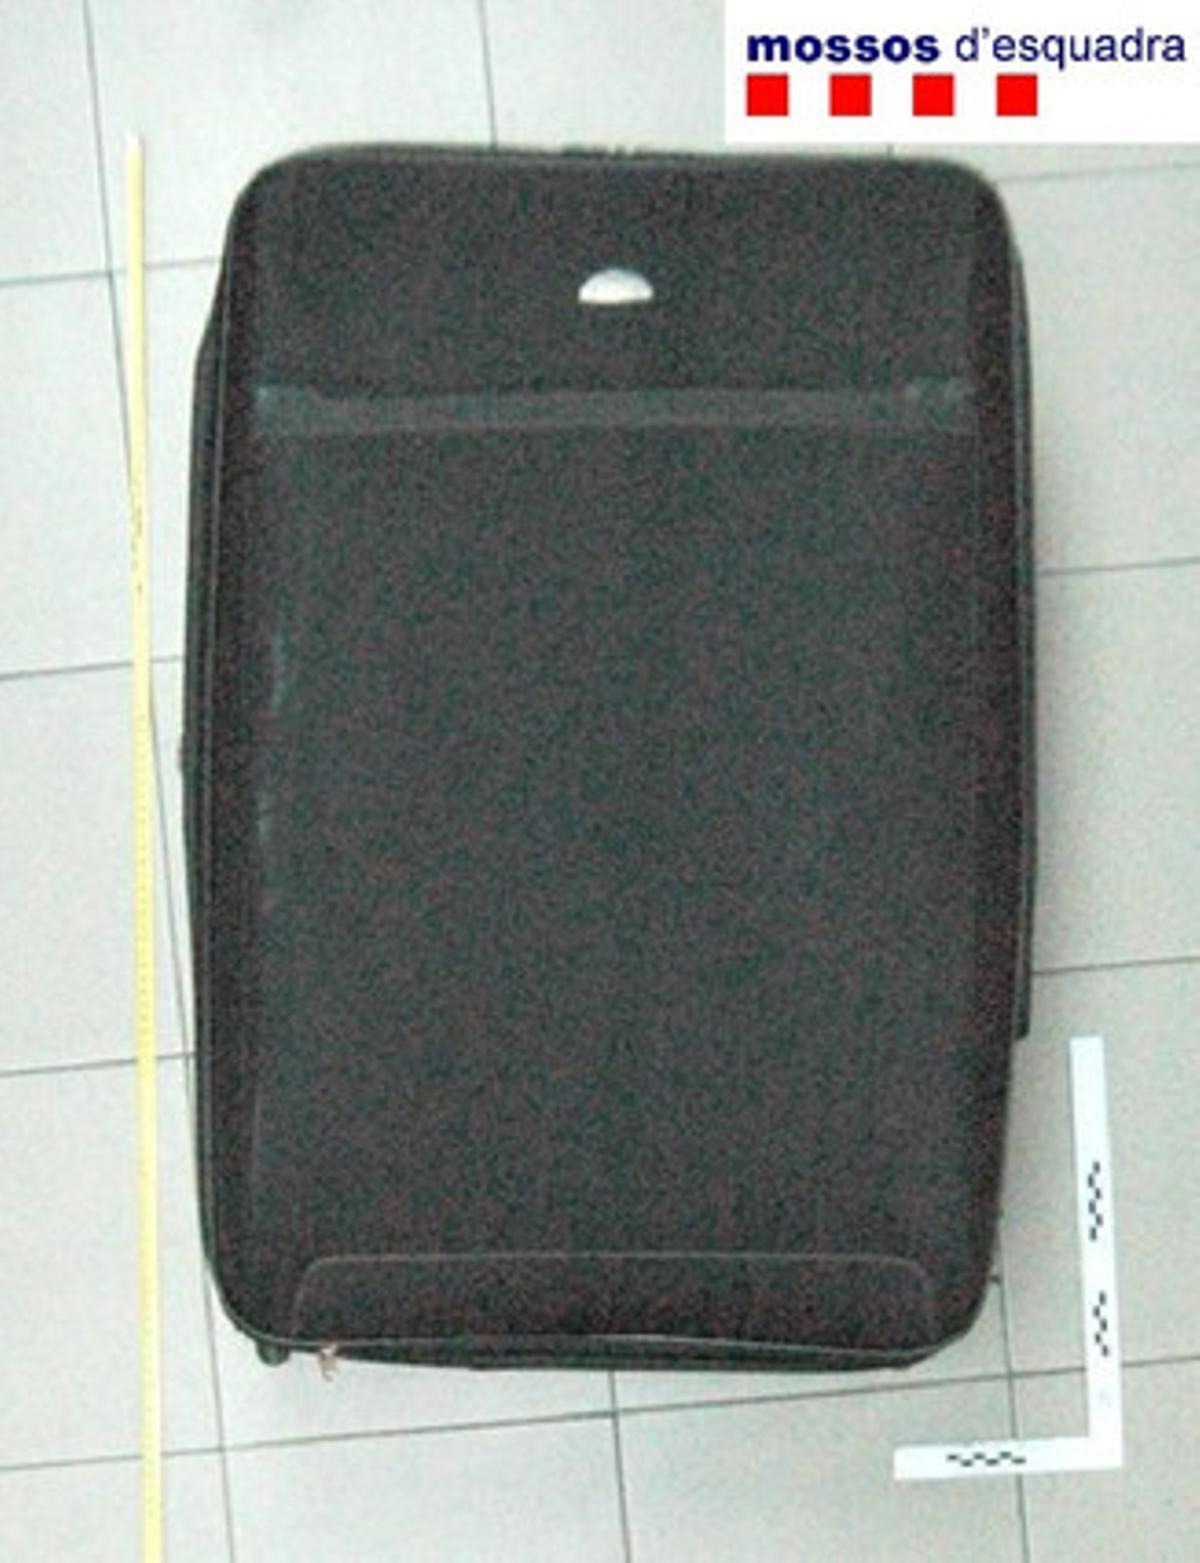 La maleta donde se escondía el presunto ladrón.